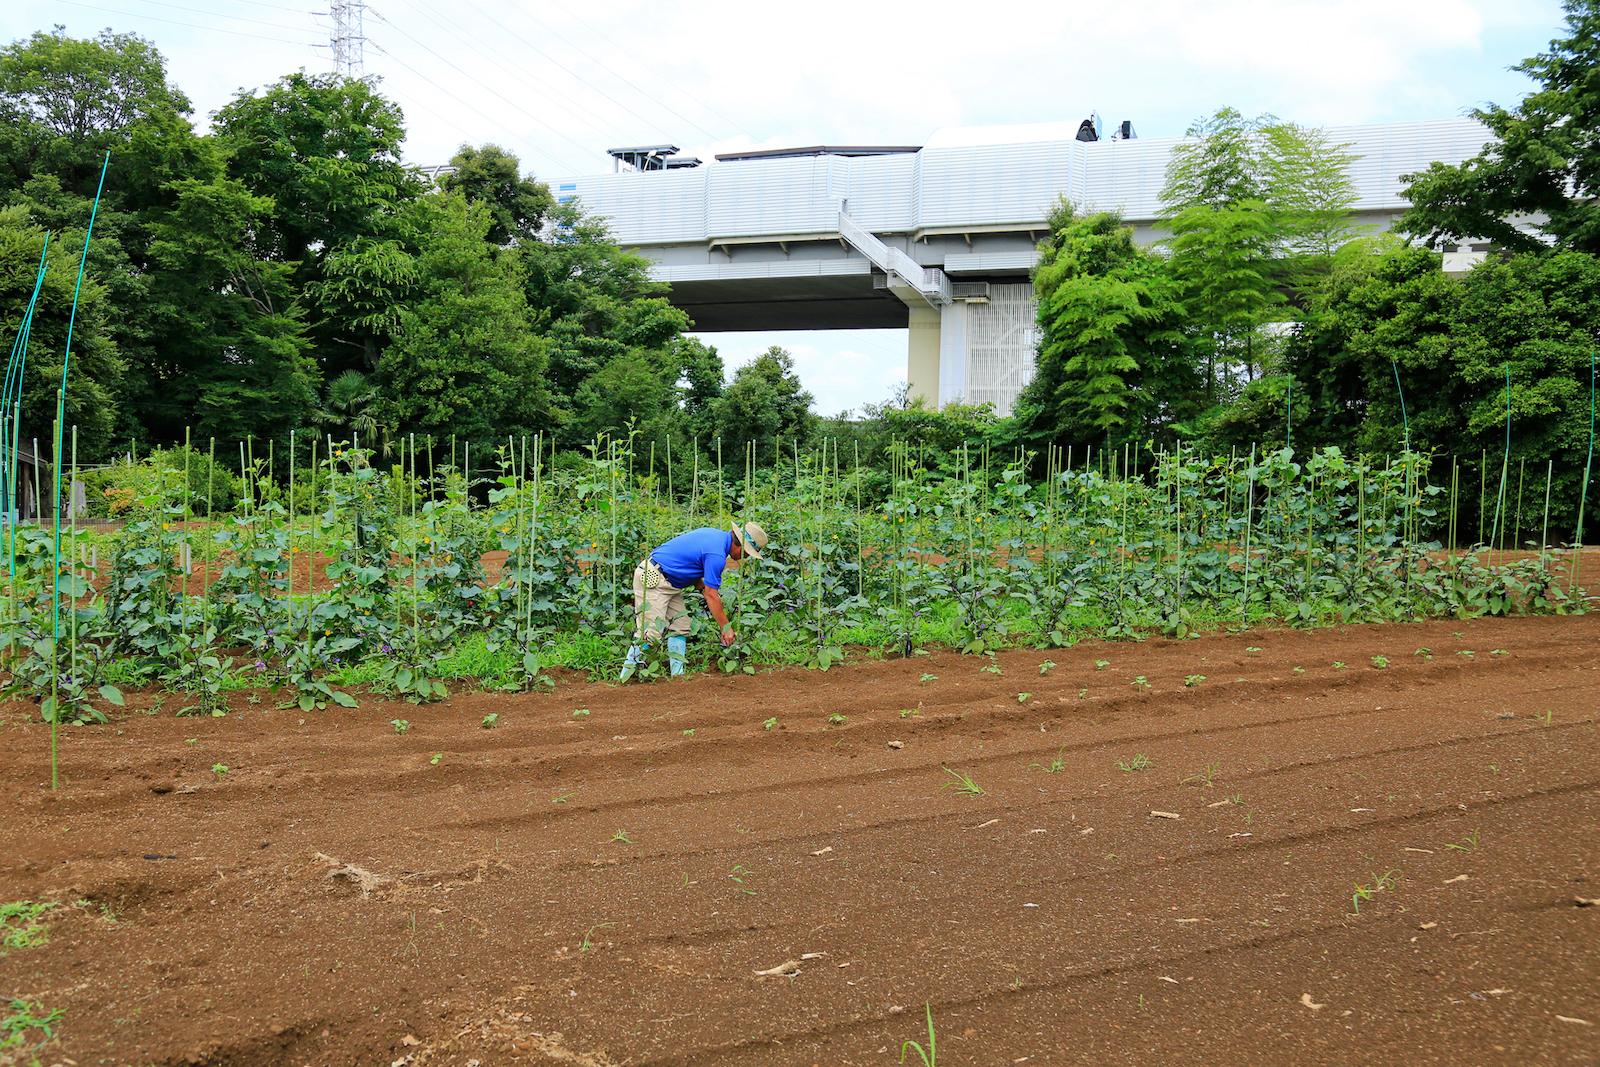 畑の後ろに外環自動車道がある都市農家らしい風景